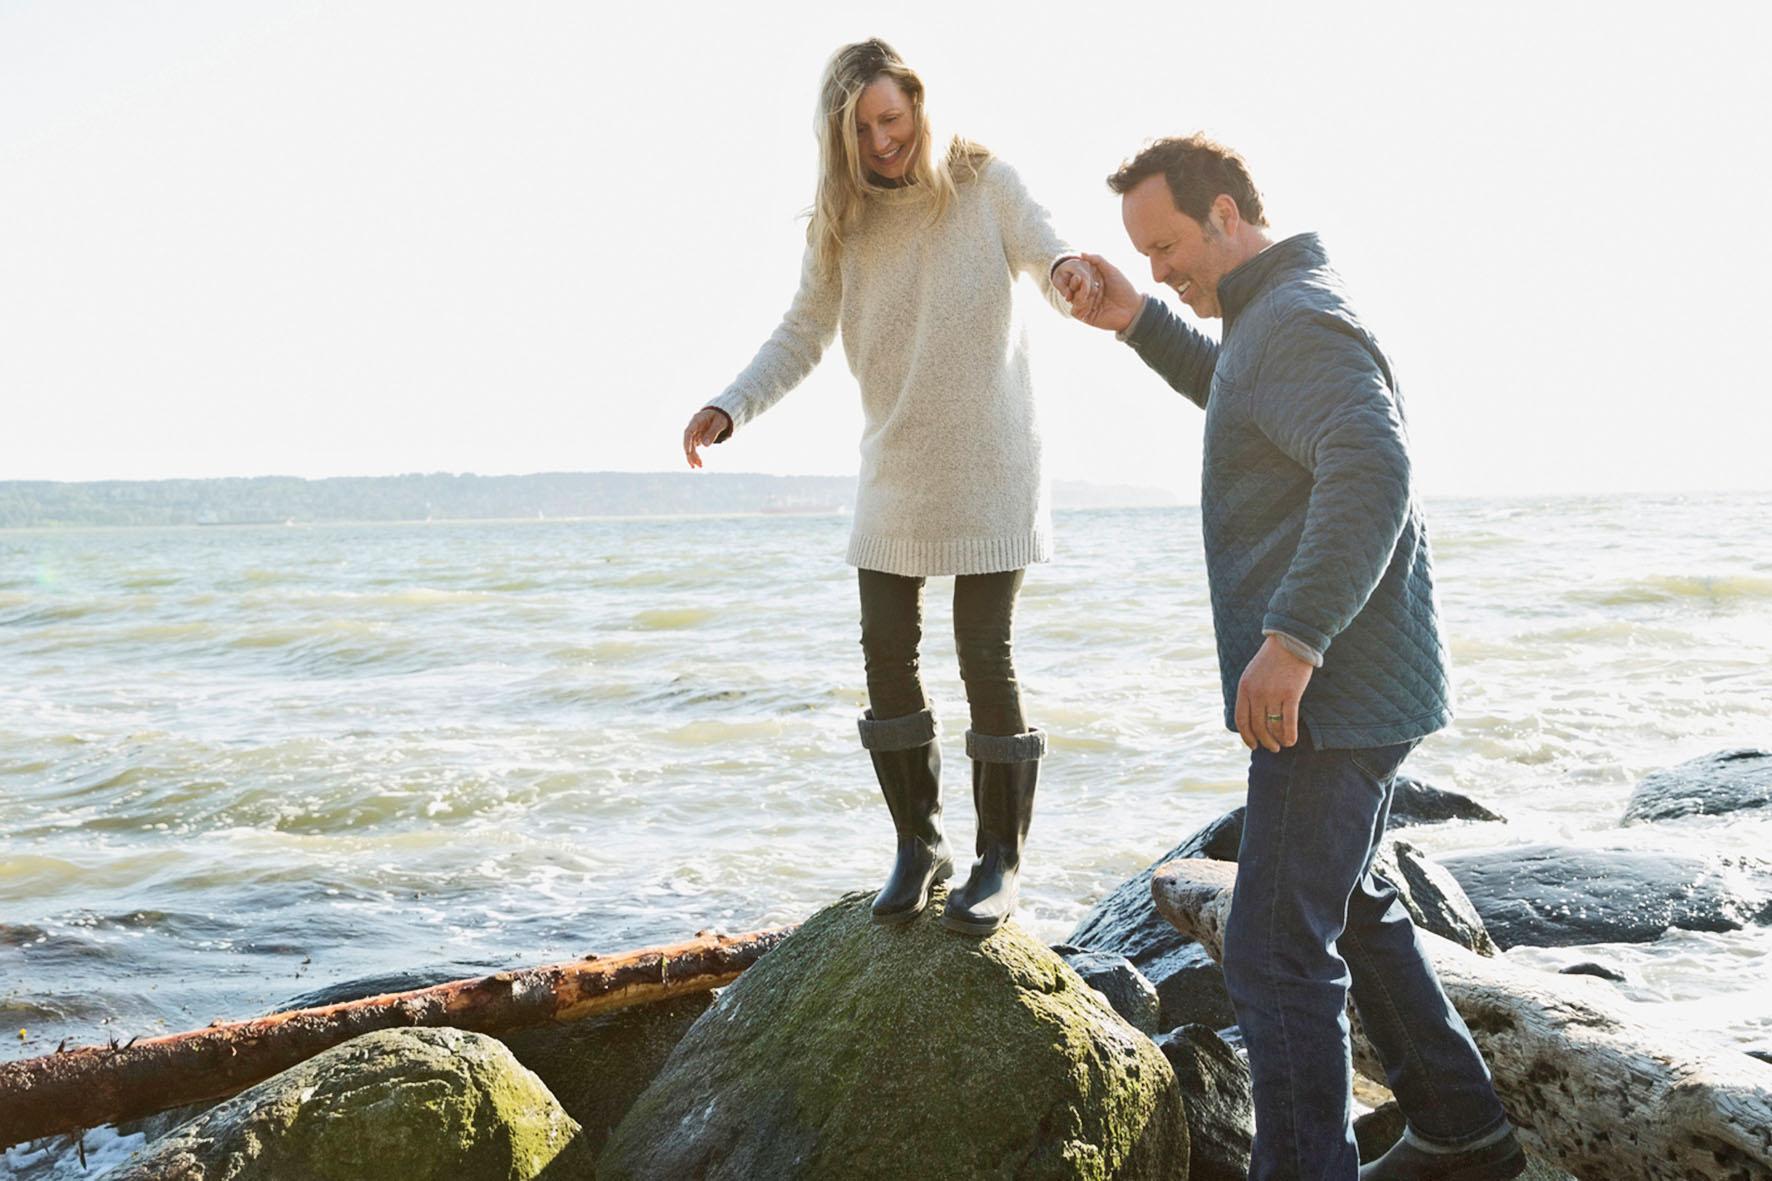 Immer mehr Menschen wollen ihrem Liebesleben neuen Schwung verleihen, indem sie sich über spezielle Portale zu einem erst einmal unverbindlichen, aber erotisch angehauchten Treffen verabreden. Starten kann das Ganze mit einem lockeren Spaziergang ...